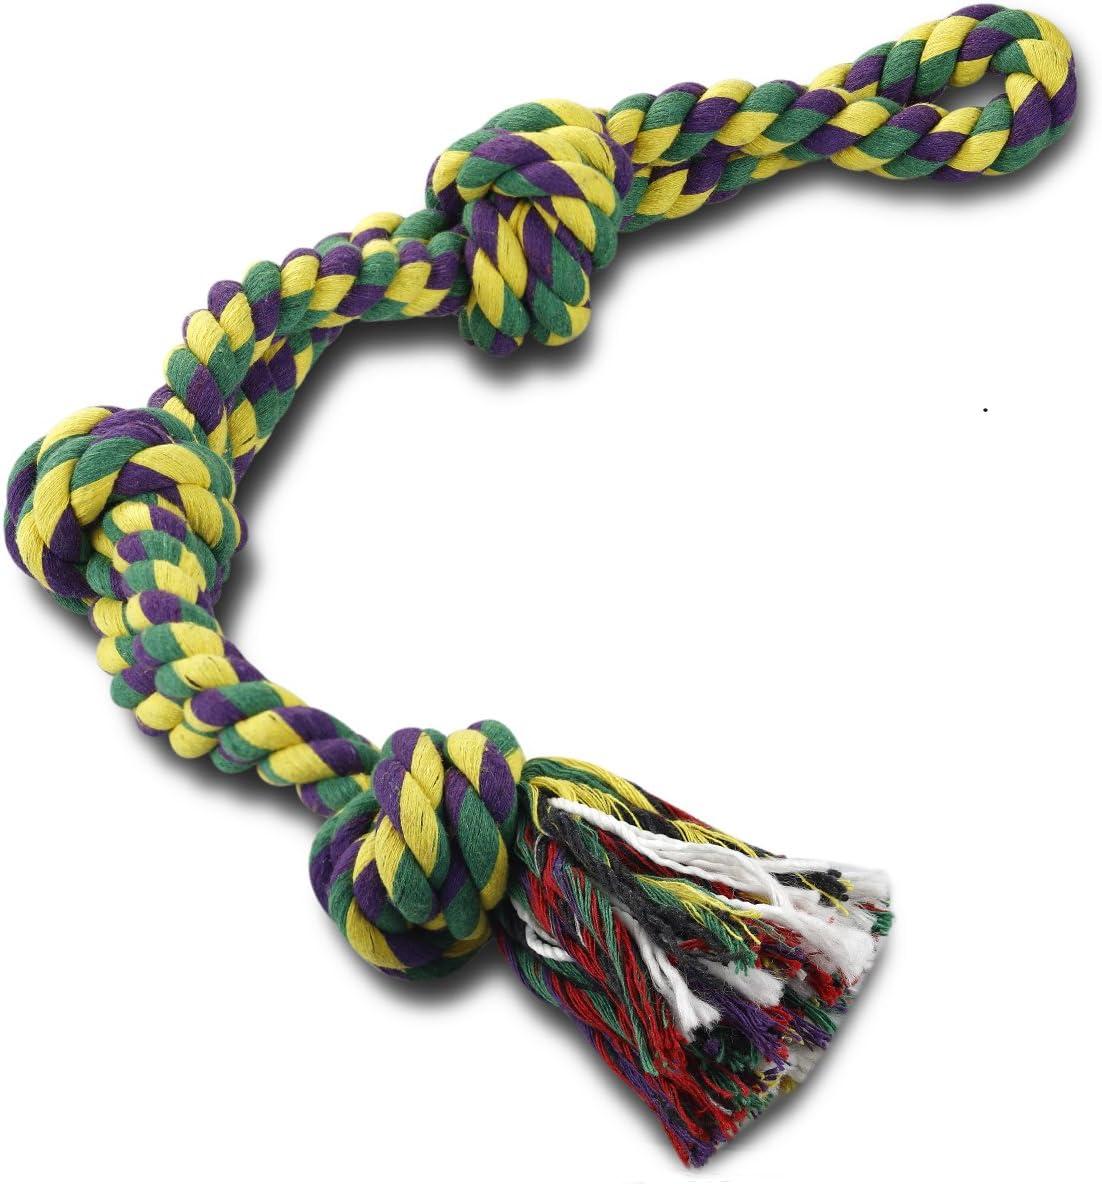 RIO Direct Juguetes de Cuerda para Perros, para Perros Fuertes y Grandes, Resistentes, 3 Nudos, Resistentes, Resistentes, Casi indestructibles, Lavables, para Razas Grandes, Perros Grandes